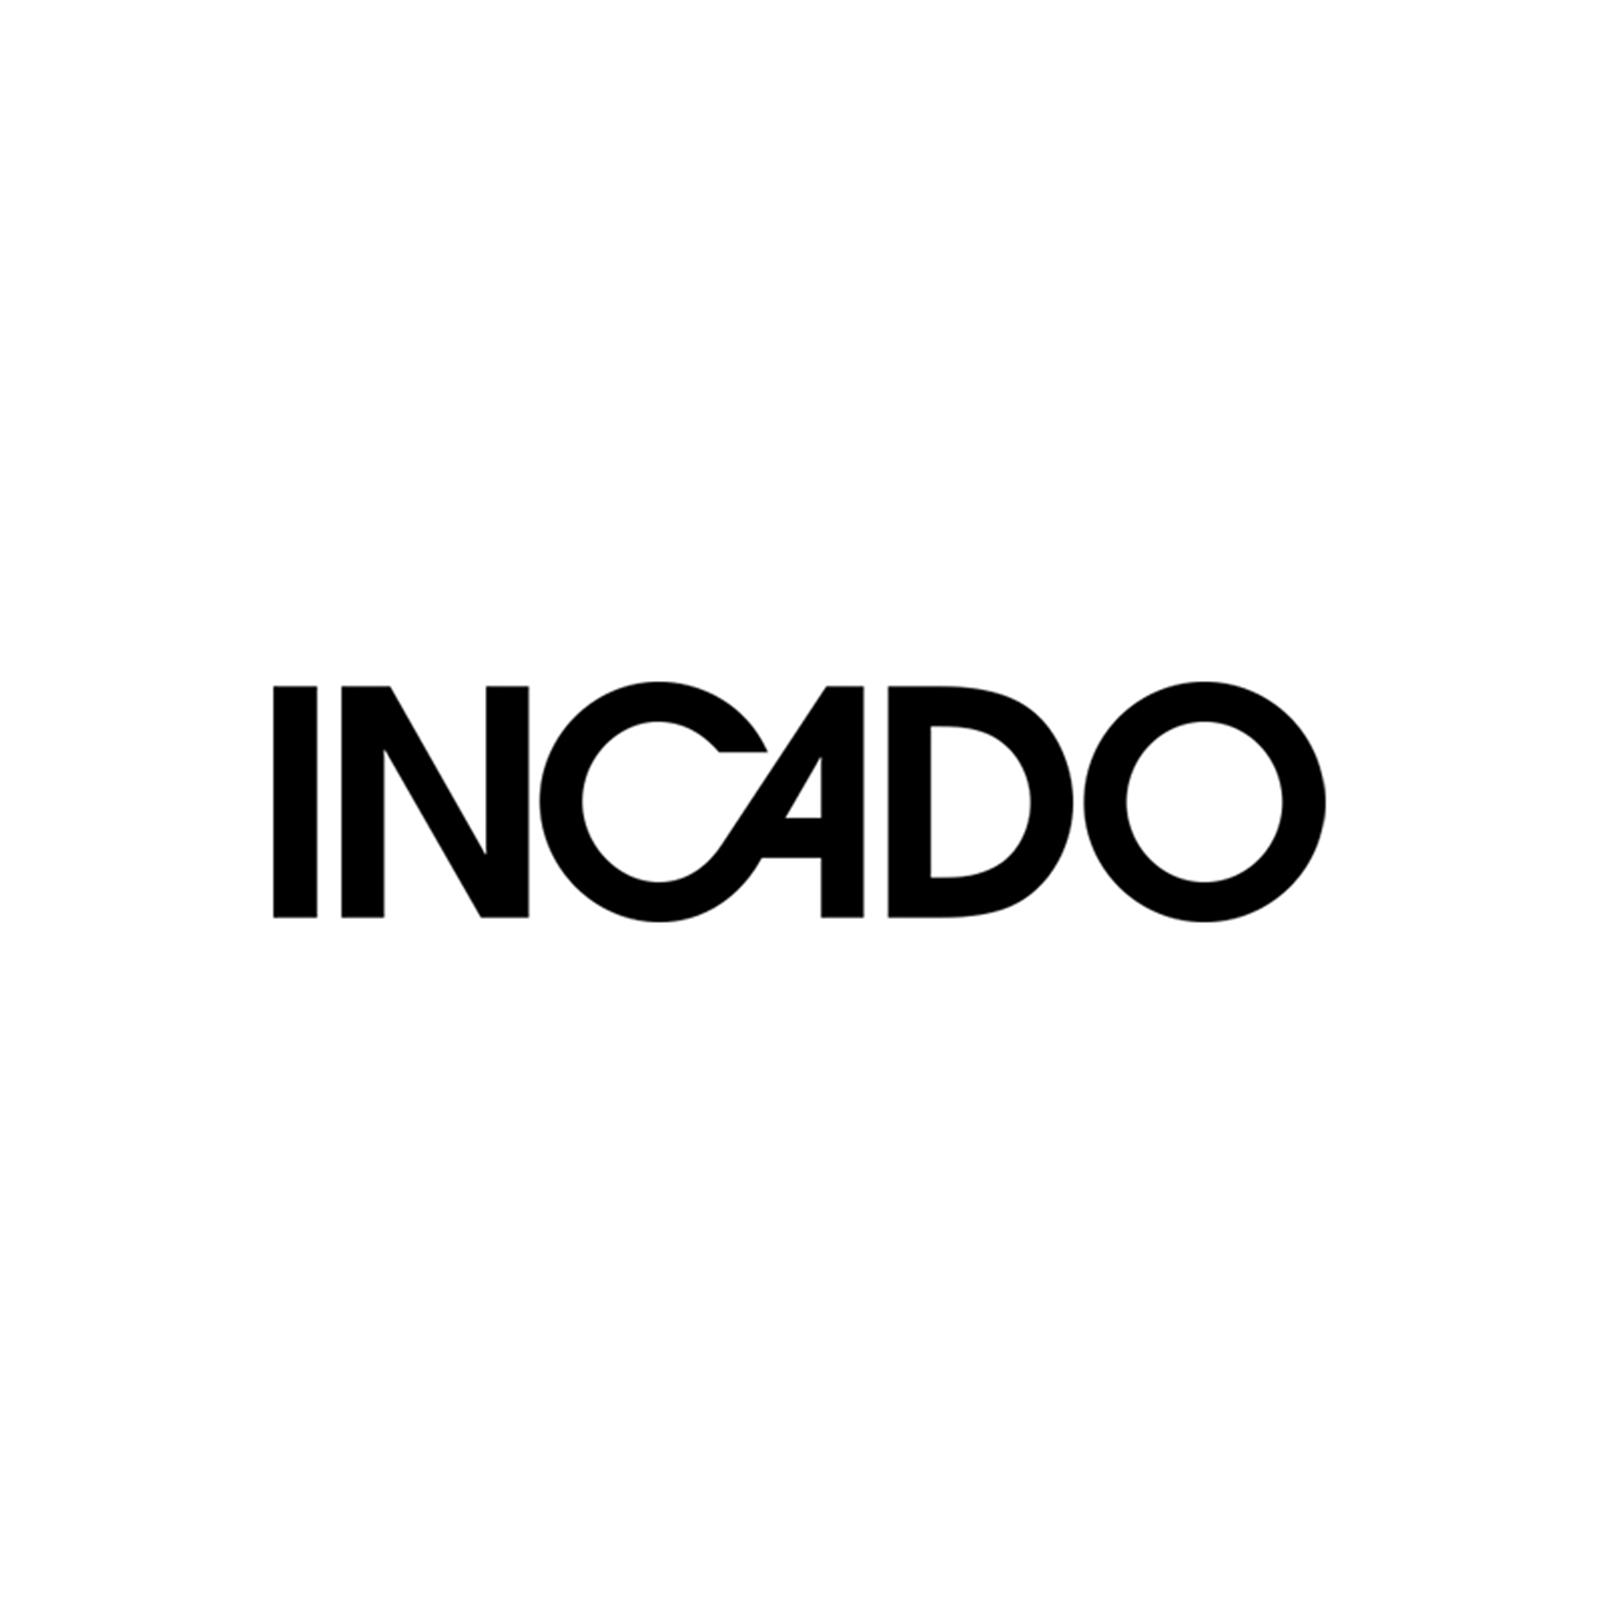 Incado_logo_rammer